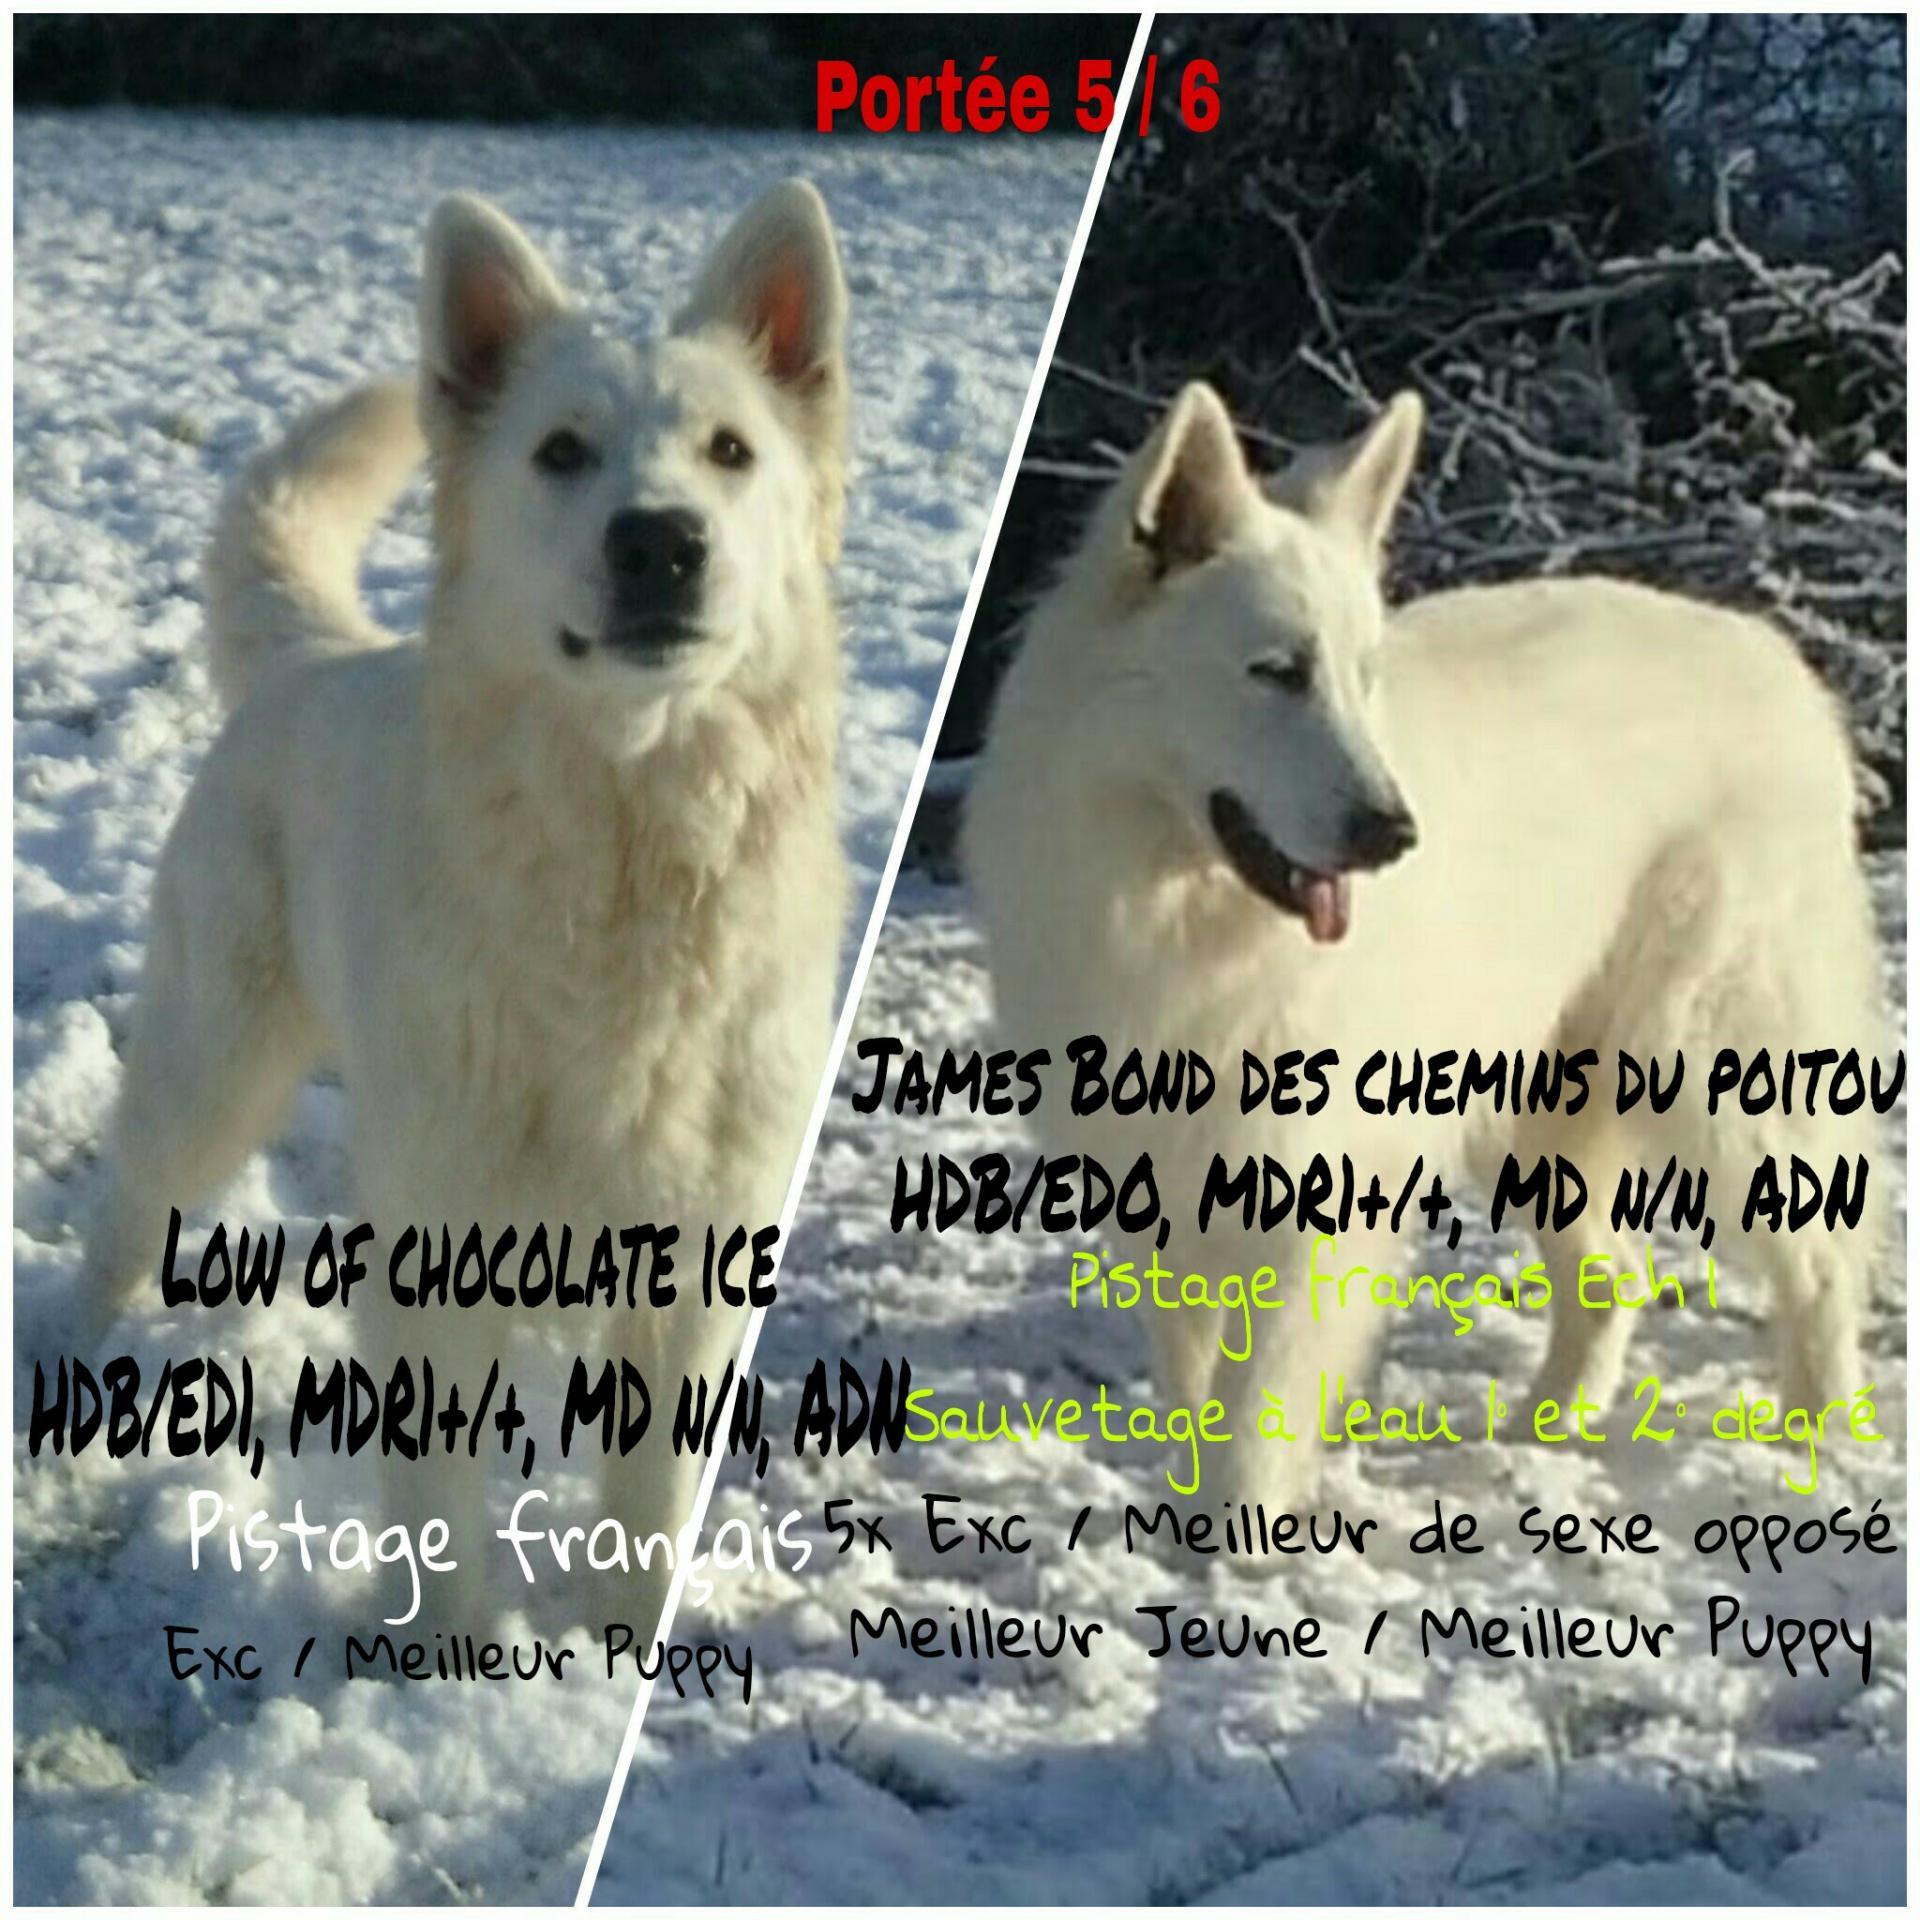 Picsart 01 27 08 50 12